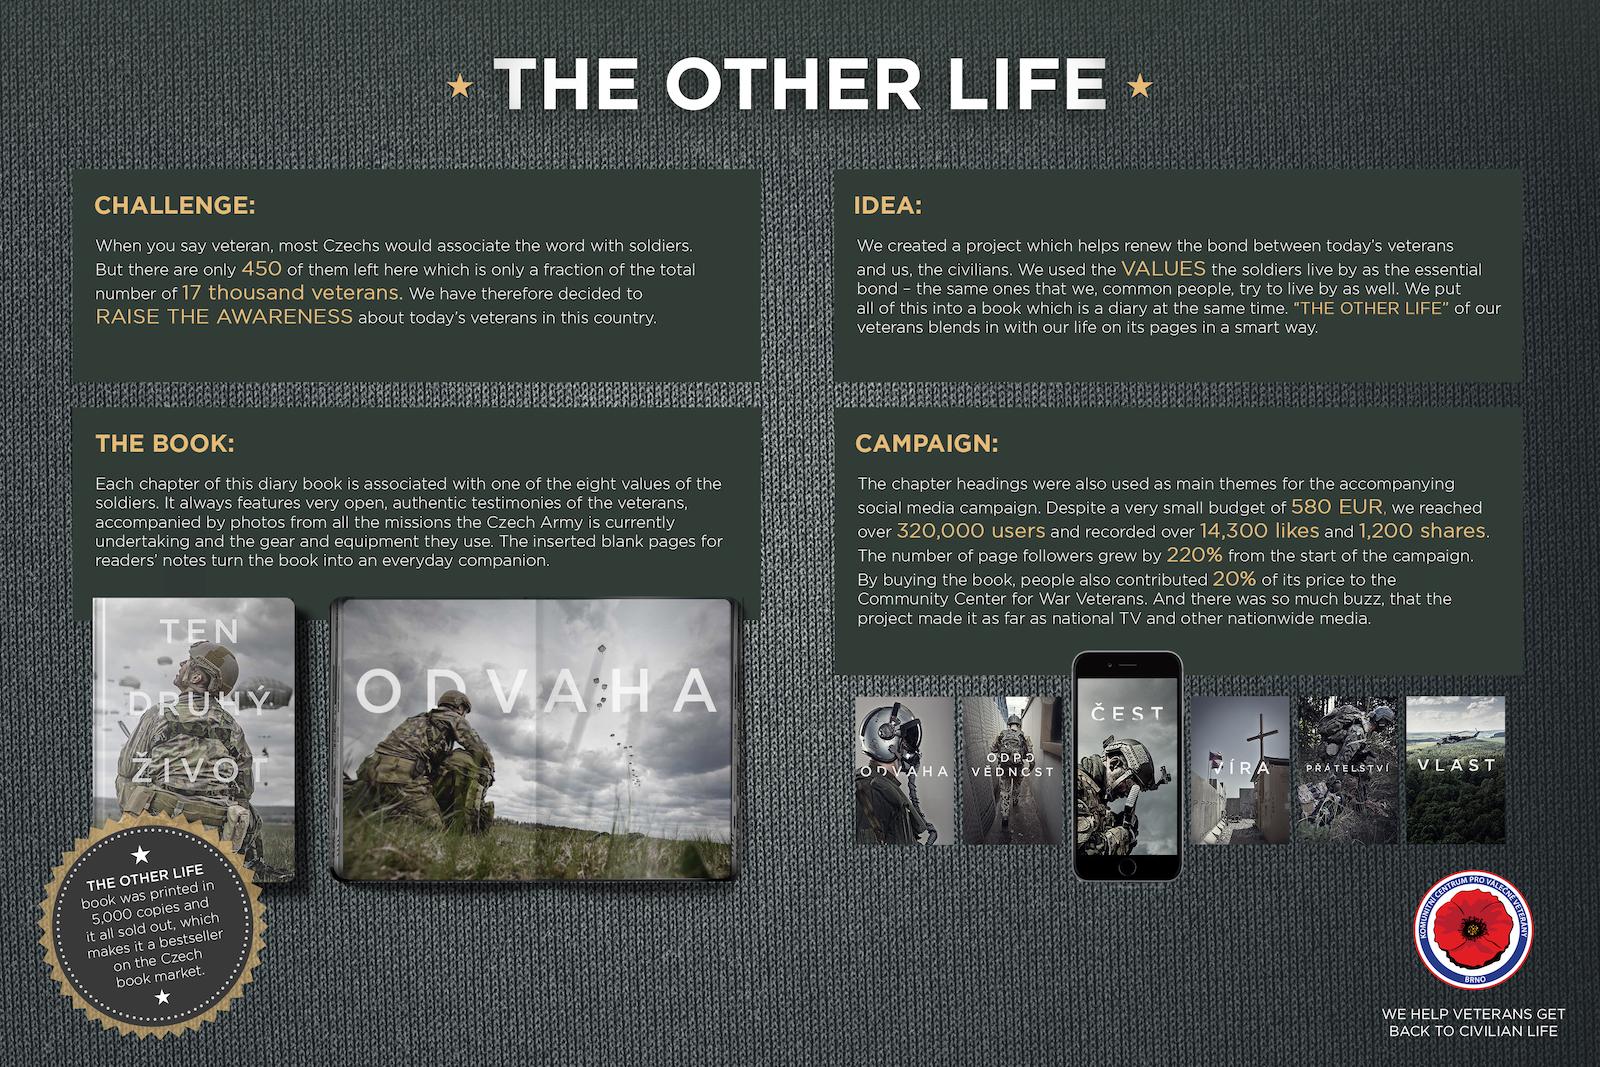 The Other Life / Ten druhý život